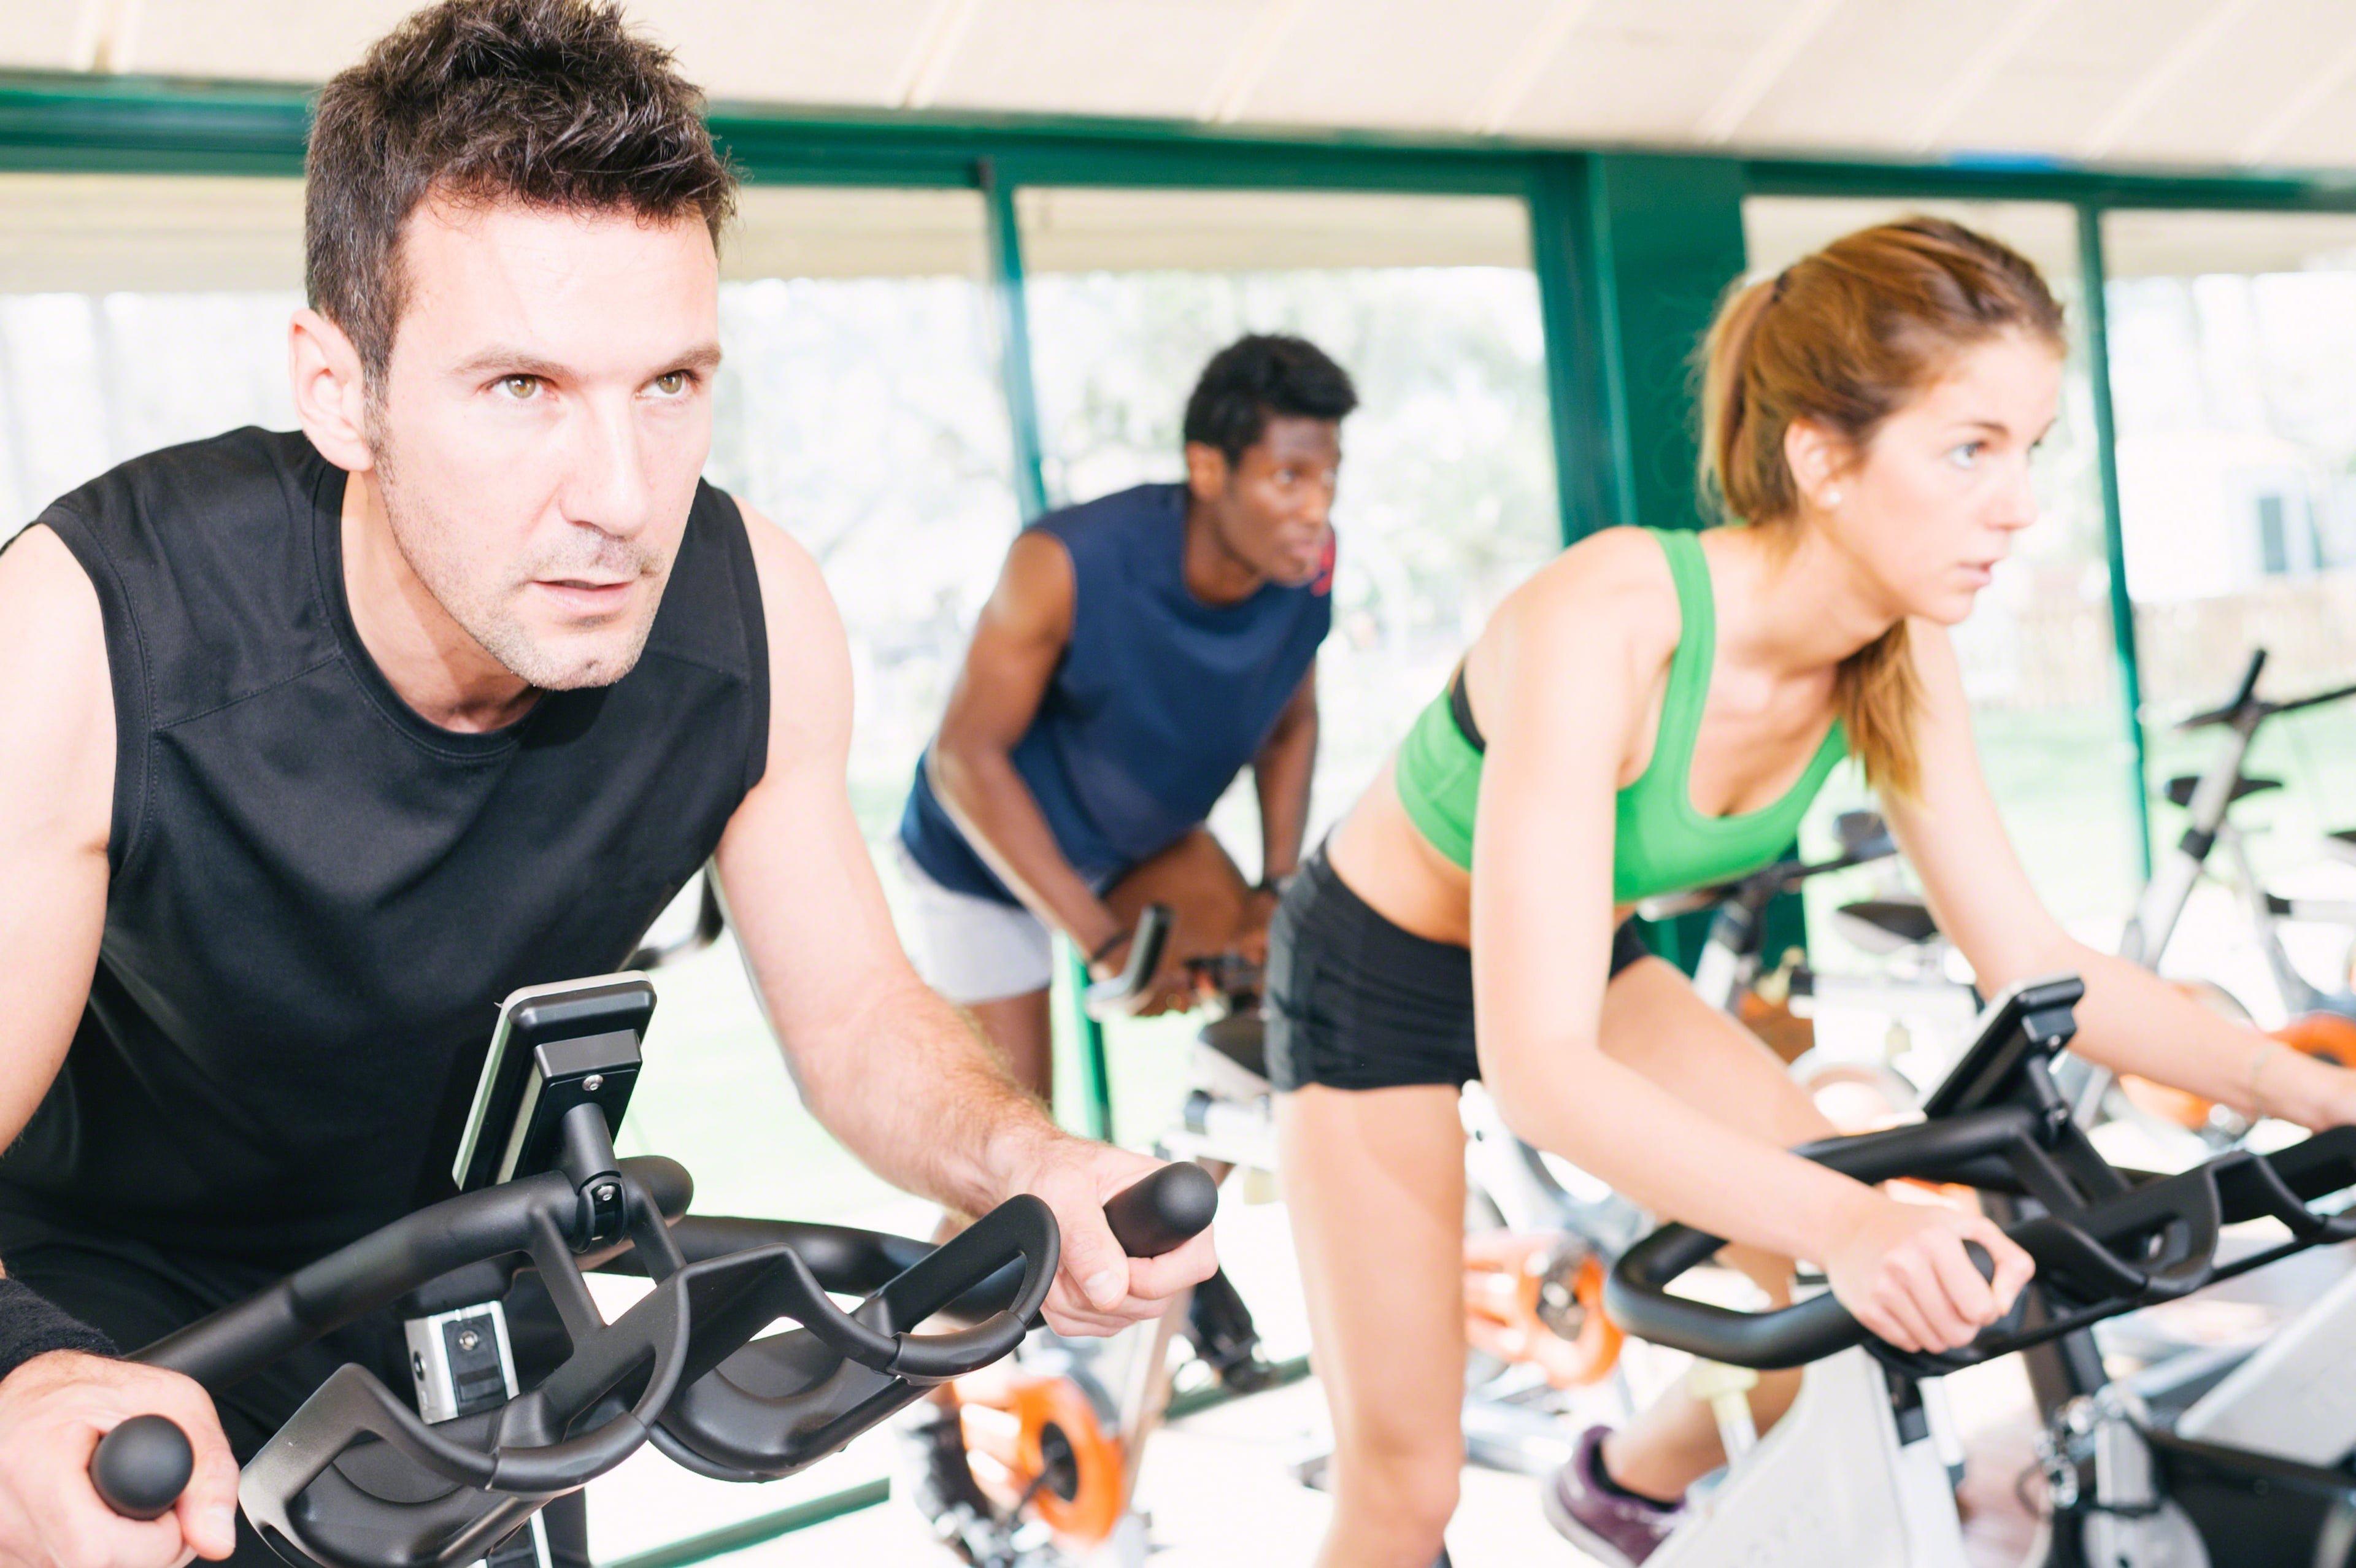 improve fitness focus